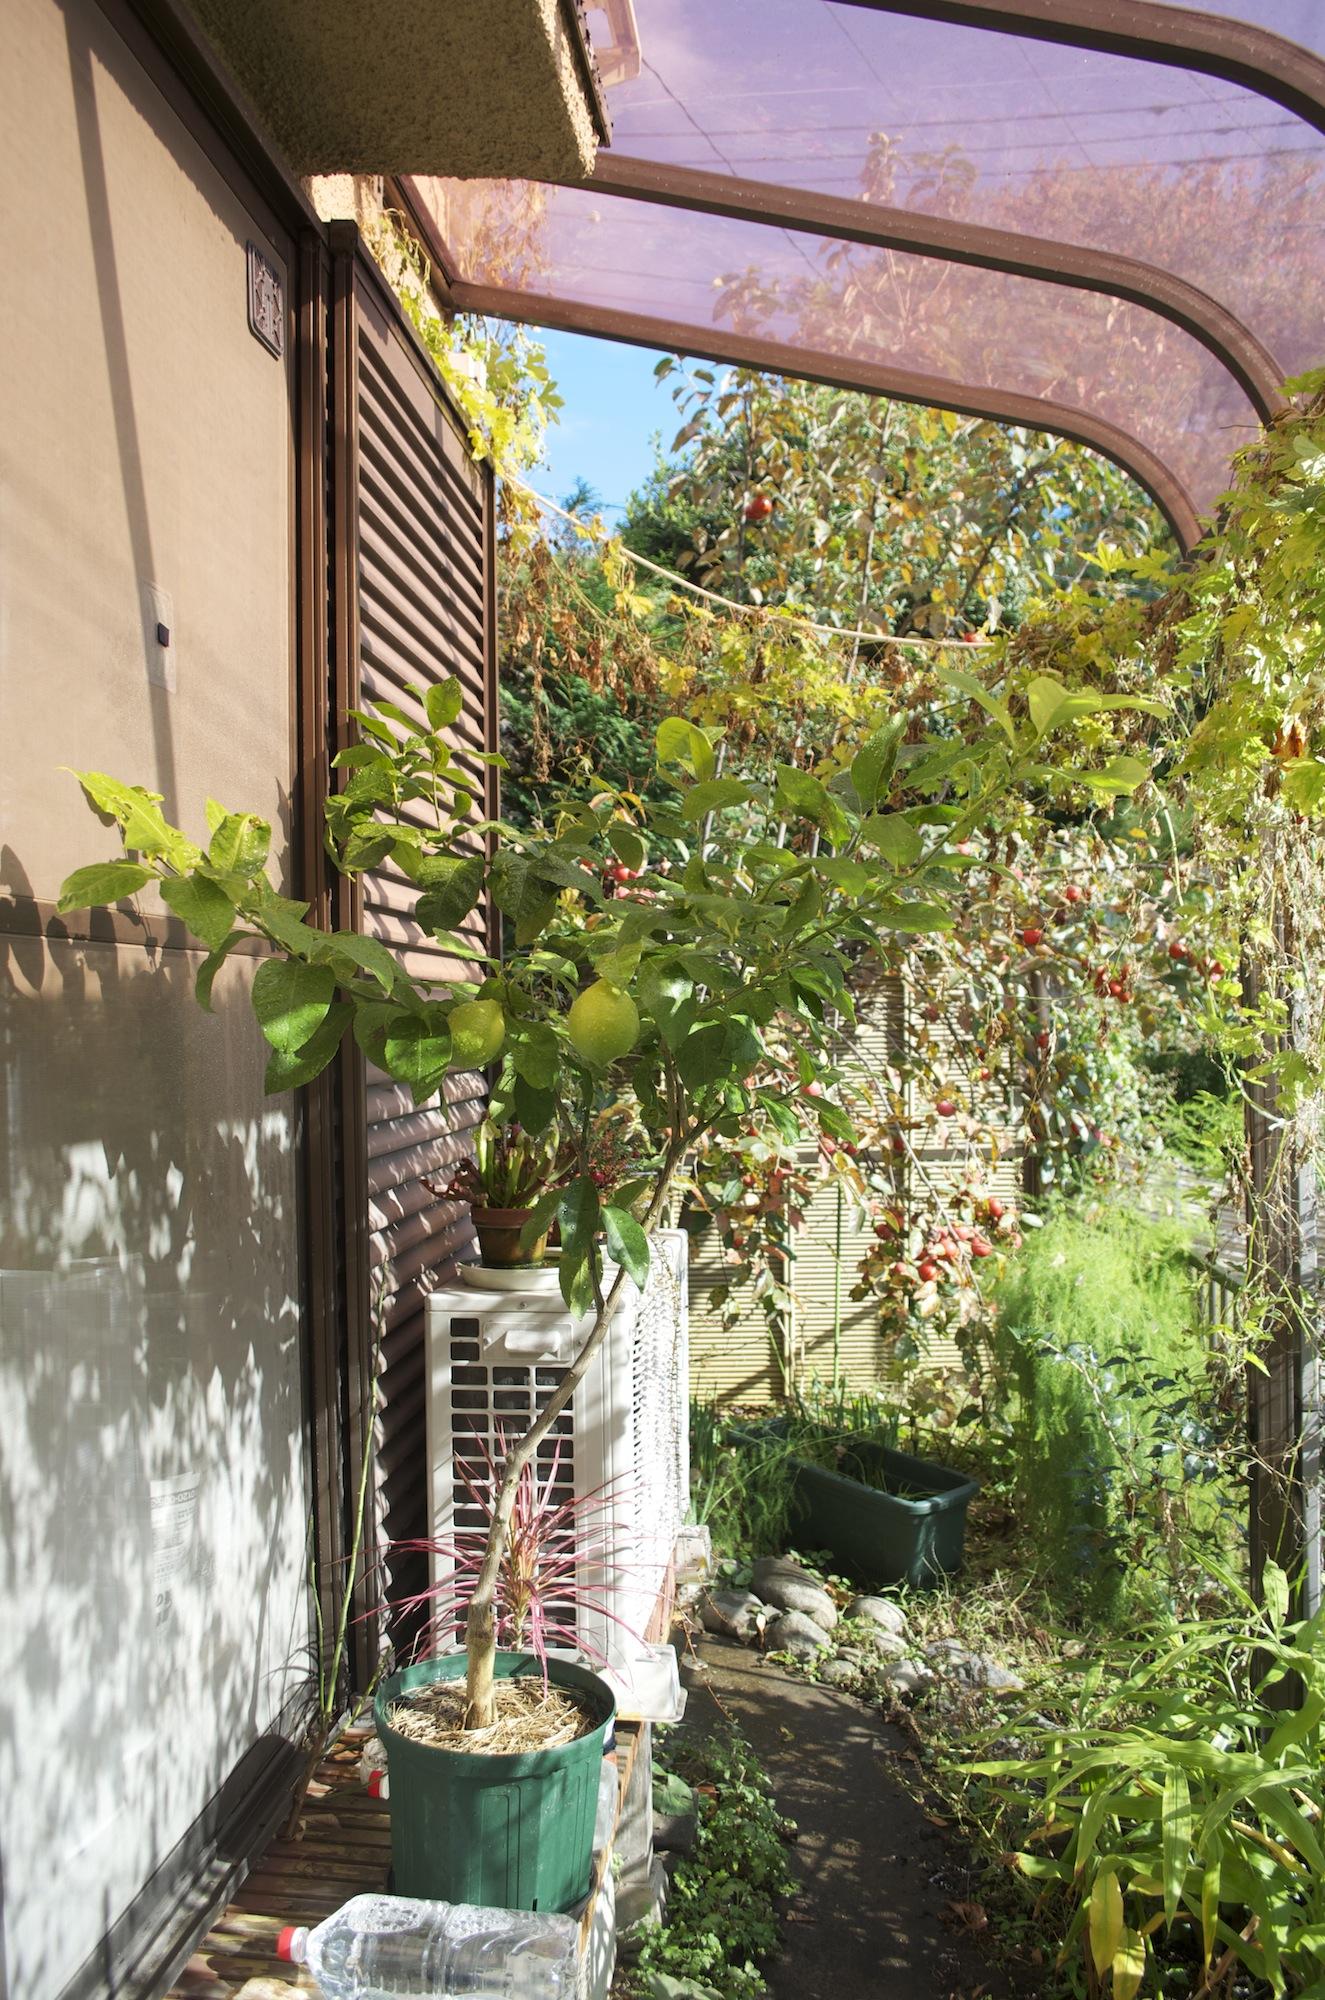 2014年11月のレモンの木